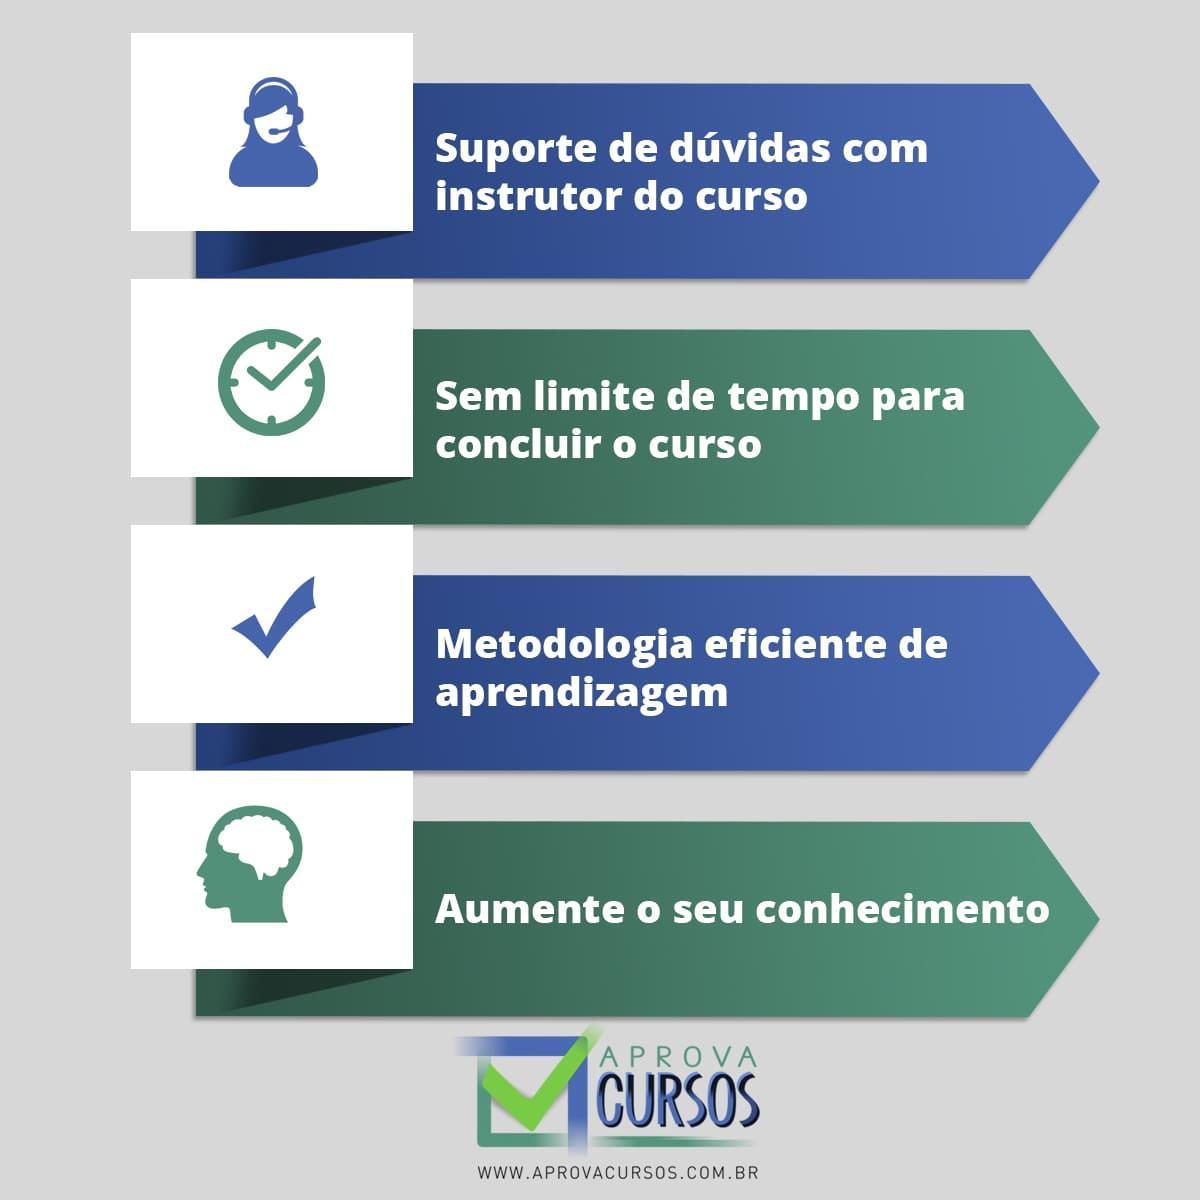 Curso Online de Análise Salarial com Certificado  - Aprova Cursos